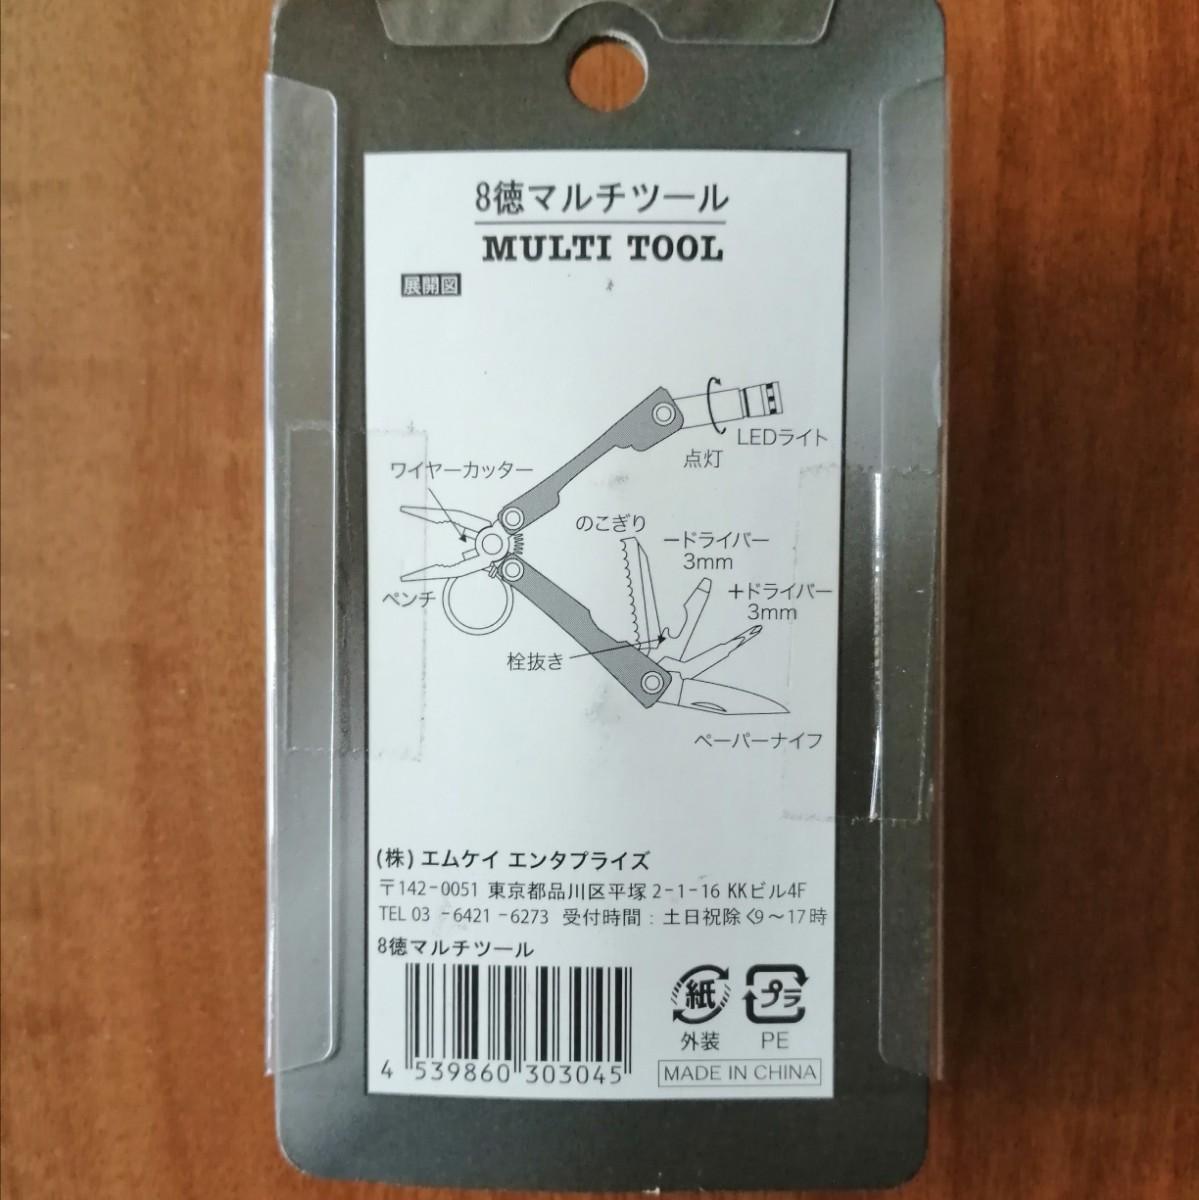 新品 8徳マルチツール 多機能 LED ナイフ ドライバー 栓抜き